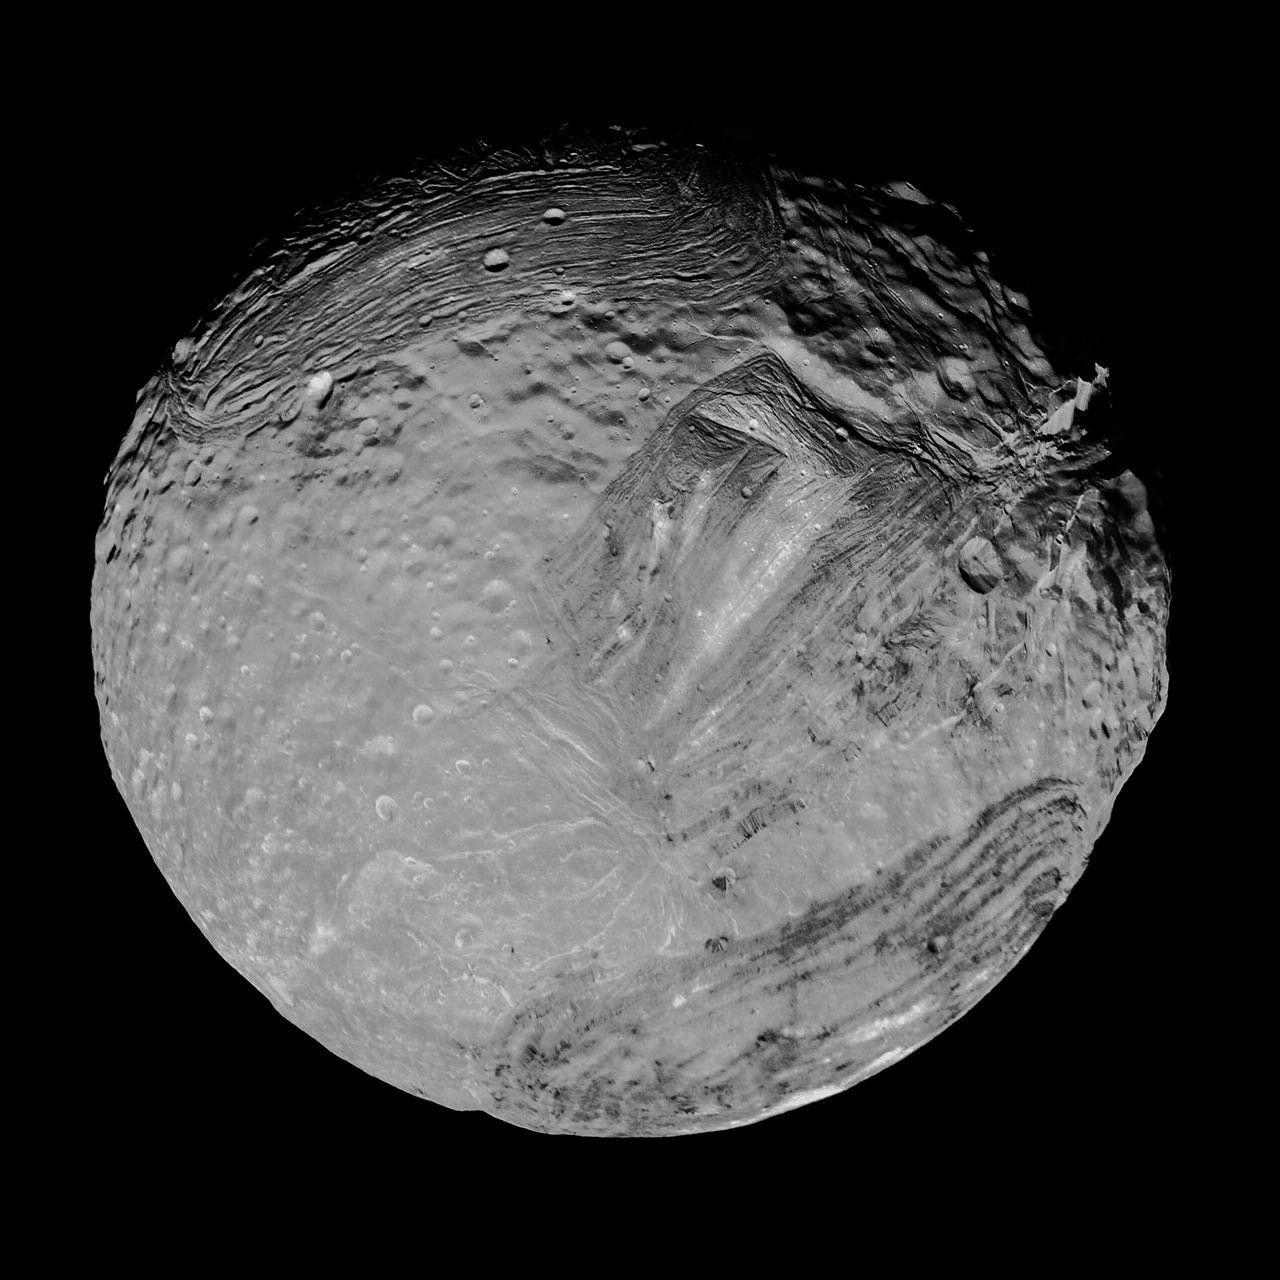 ميراندا هو أحد أقمار كوكب أورانوس تم الحصول على الصورة بدقة عالية بواسطة مركبة الفضاء فويجر 2 1986 Moons Of Uranus Space Images Uranus